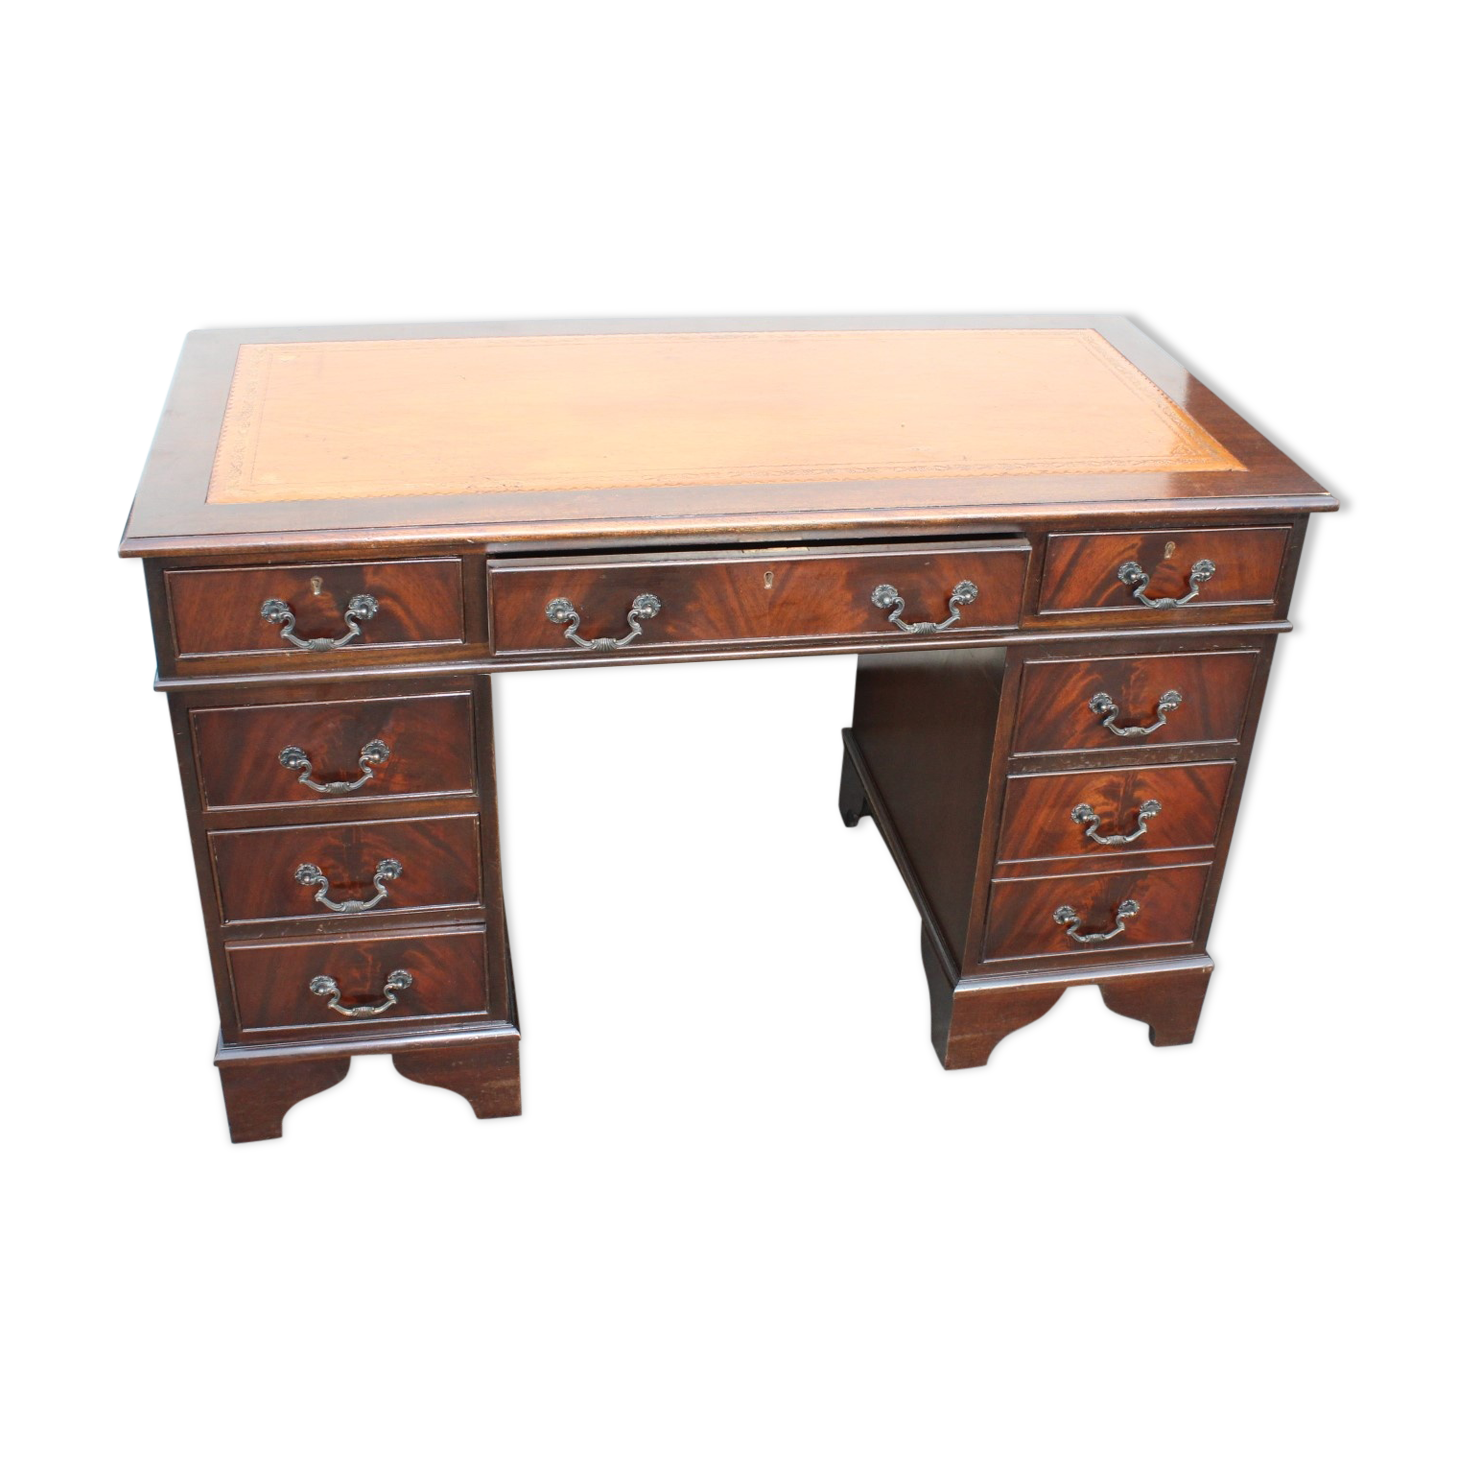 Bureau en acajou avec dessus cuir tan bois matériau marron